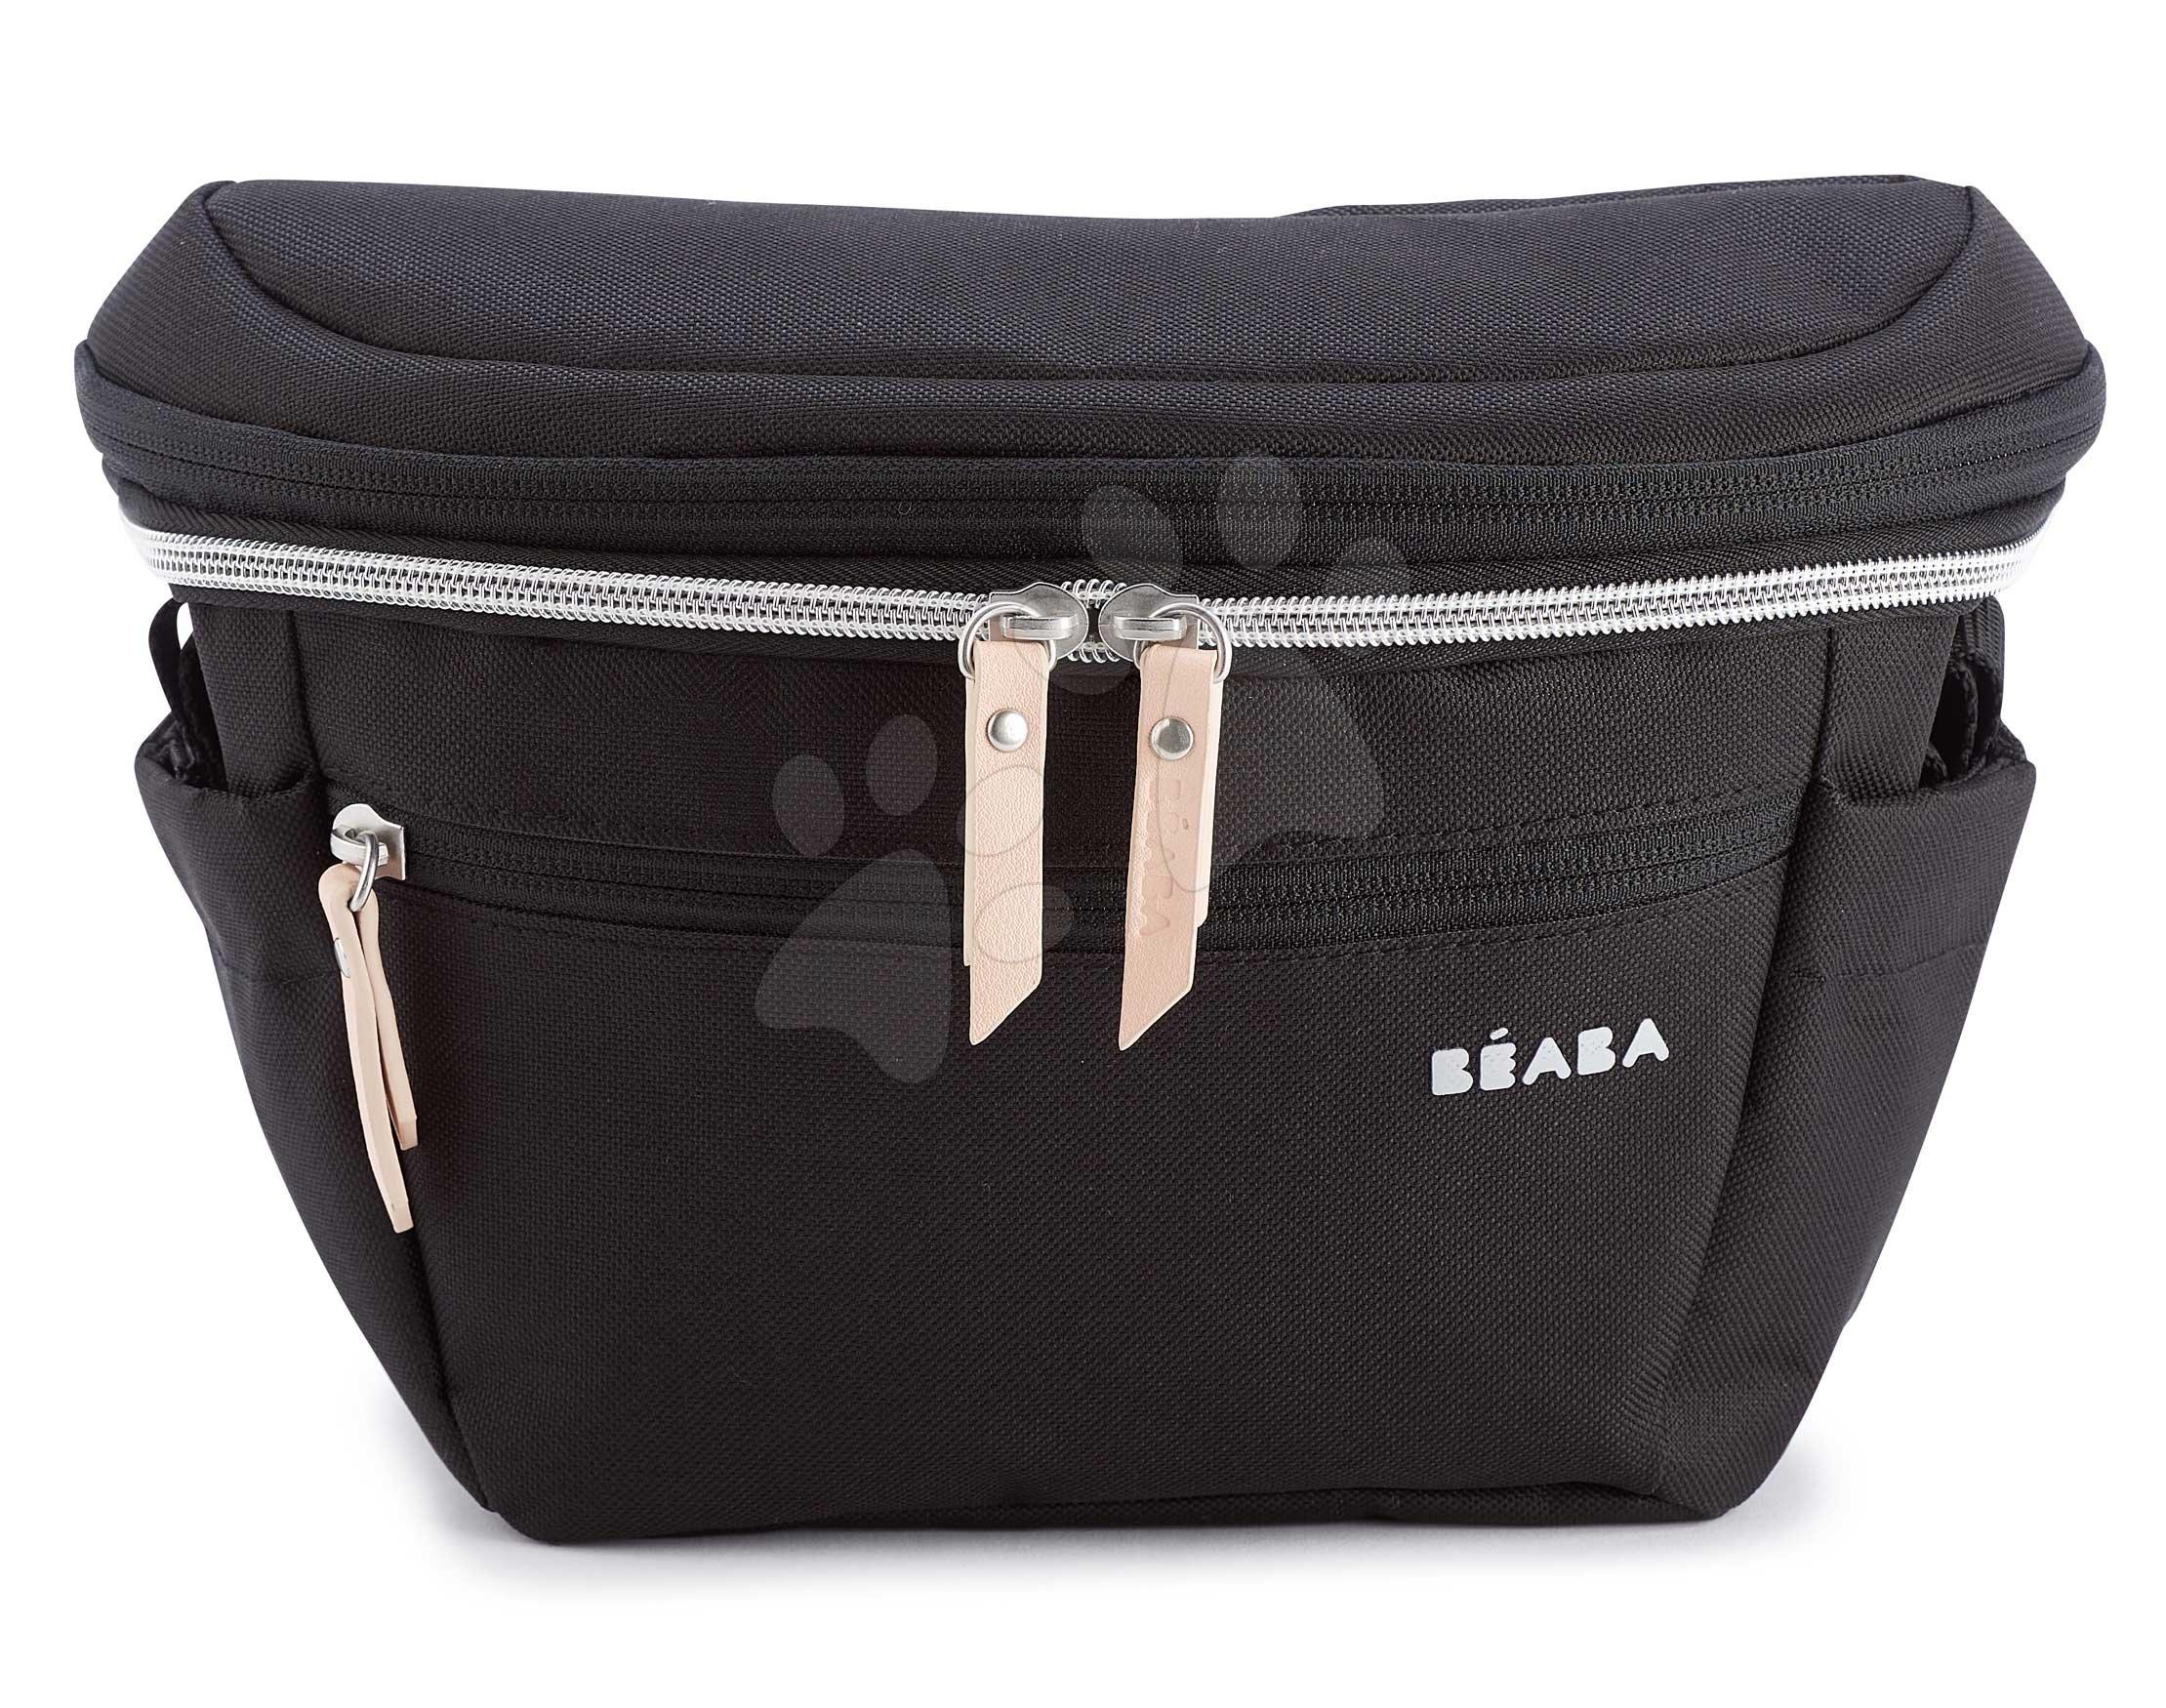 Prebaľovacia taška ako opasok Biarritz Changing Black Bag Beaba ľadvinka na kočík a bicykel 3-11 litrov objem